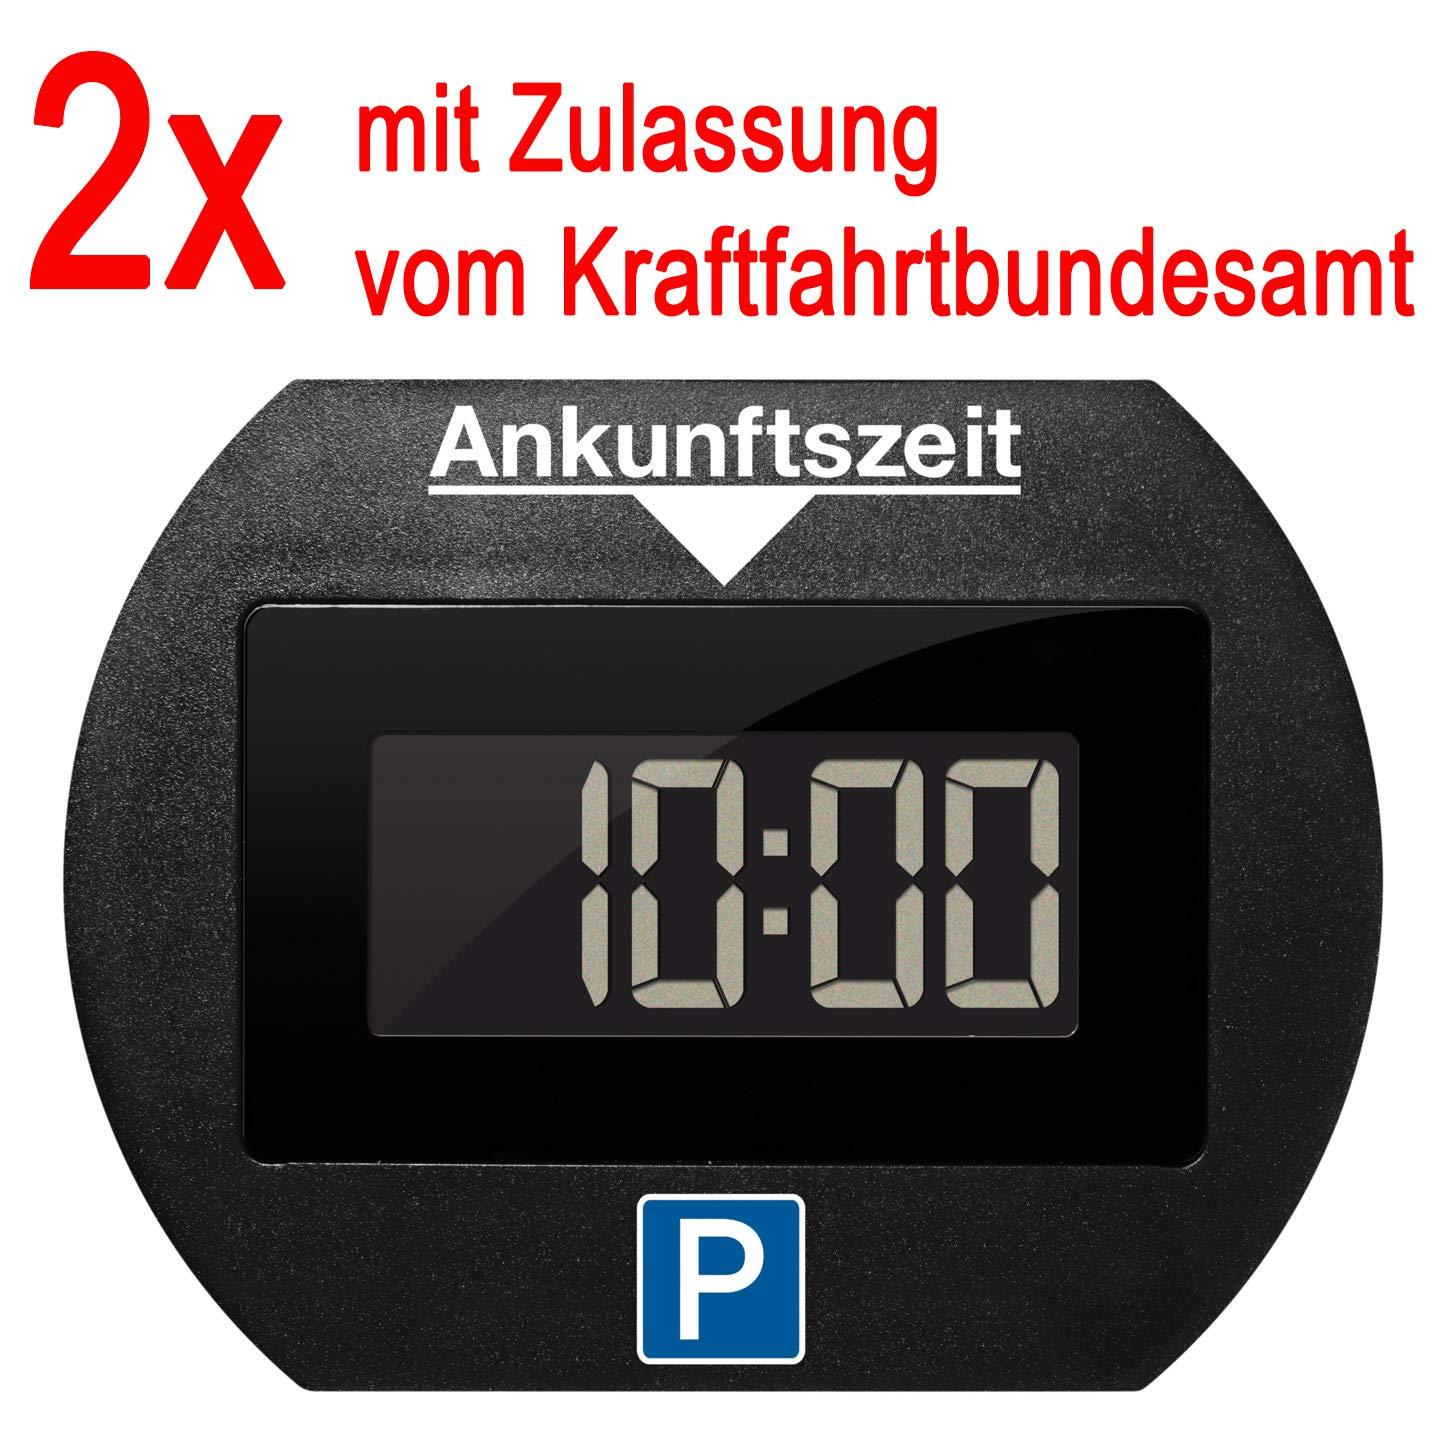 2x Park Lite elektronische Parkscheibe digitale Parkuhr schwarz mit offizieller Zulassung vom KBA Needit